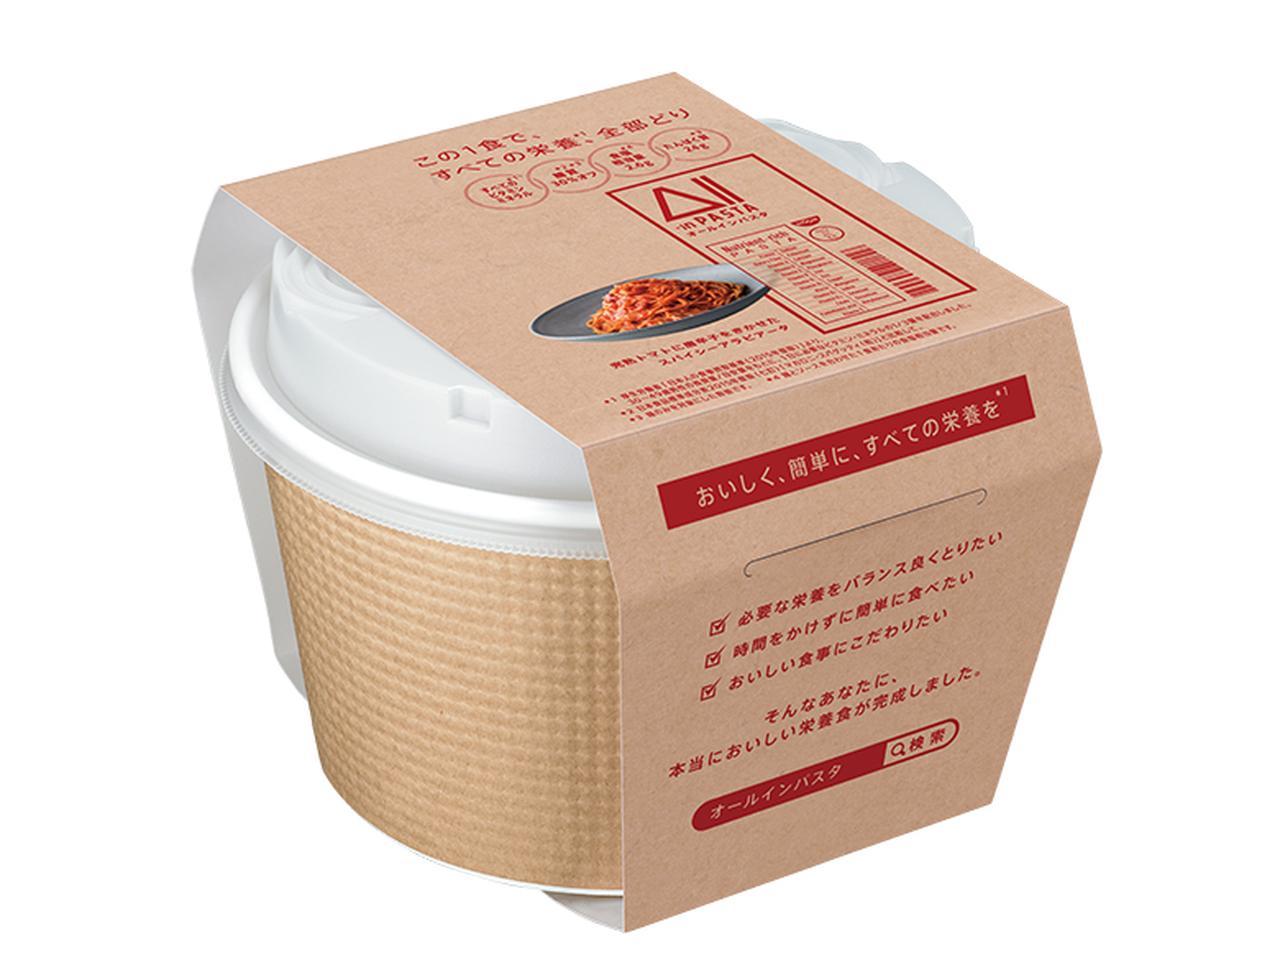 画像6: 【All‐in PASTA】日清はなぜ美味しい完全栄養食パスタを開発できたのか?